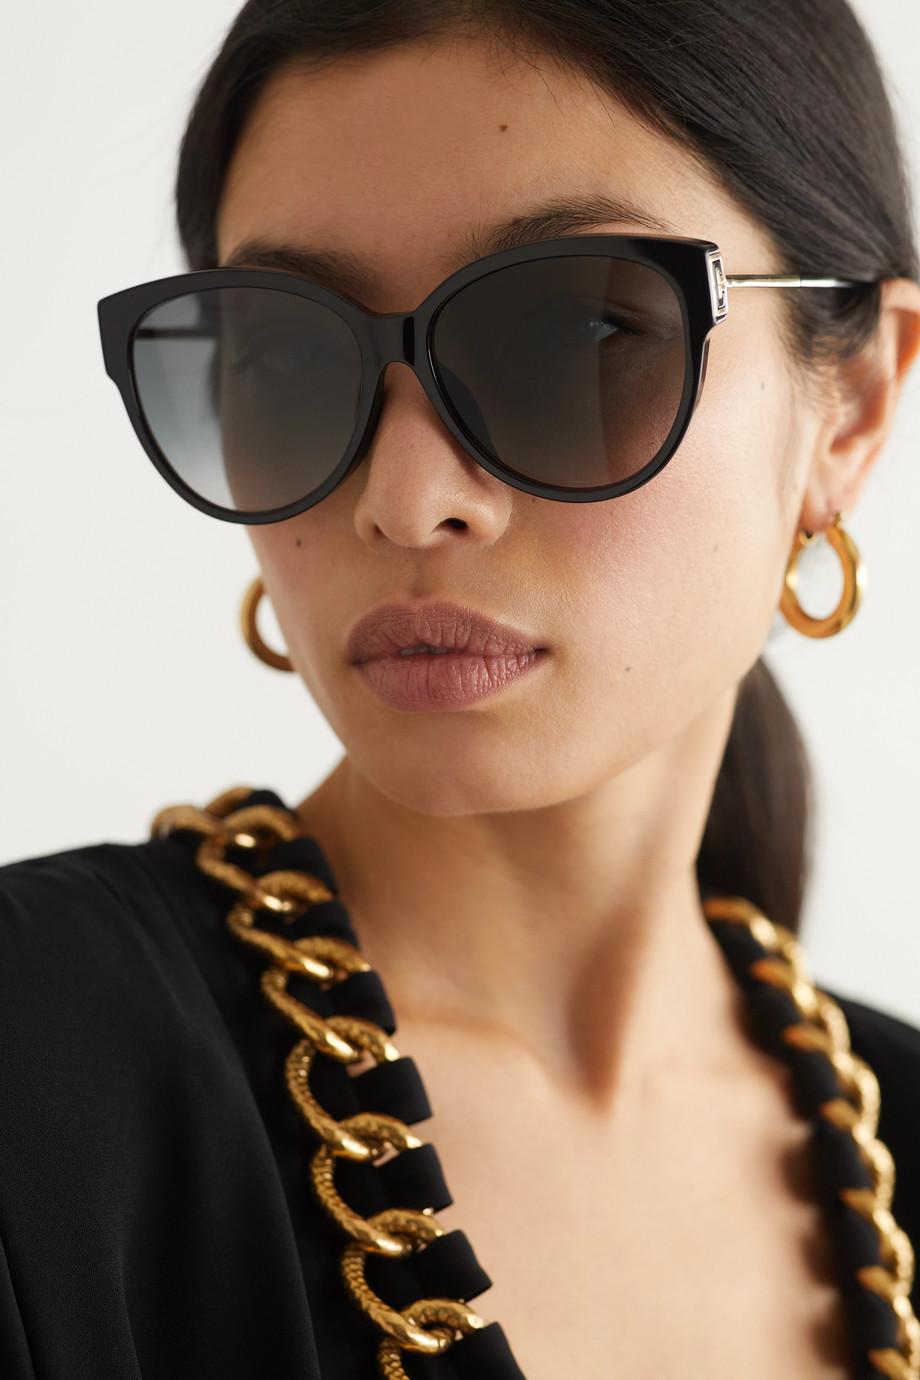 Givenchy Lunettes de soleil œil-de-chat oversize en acétate et en métal doré